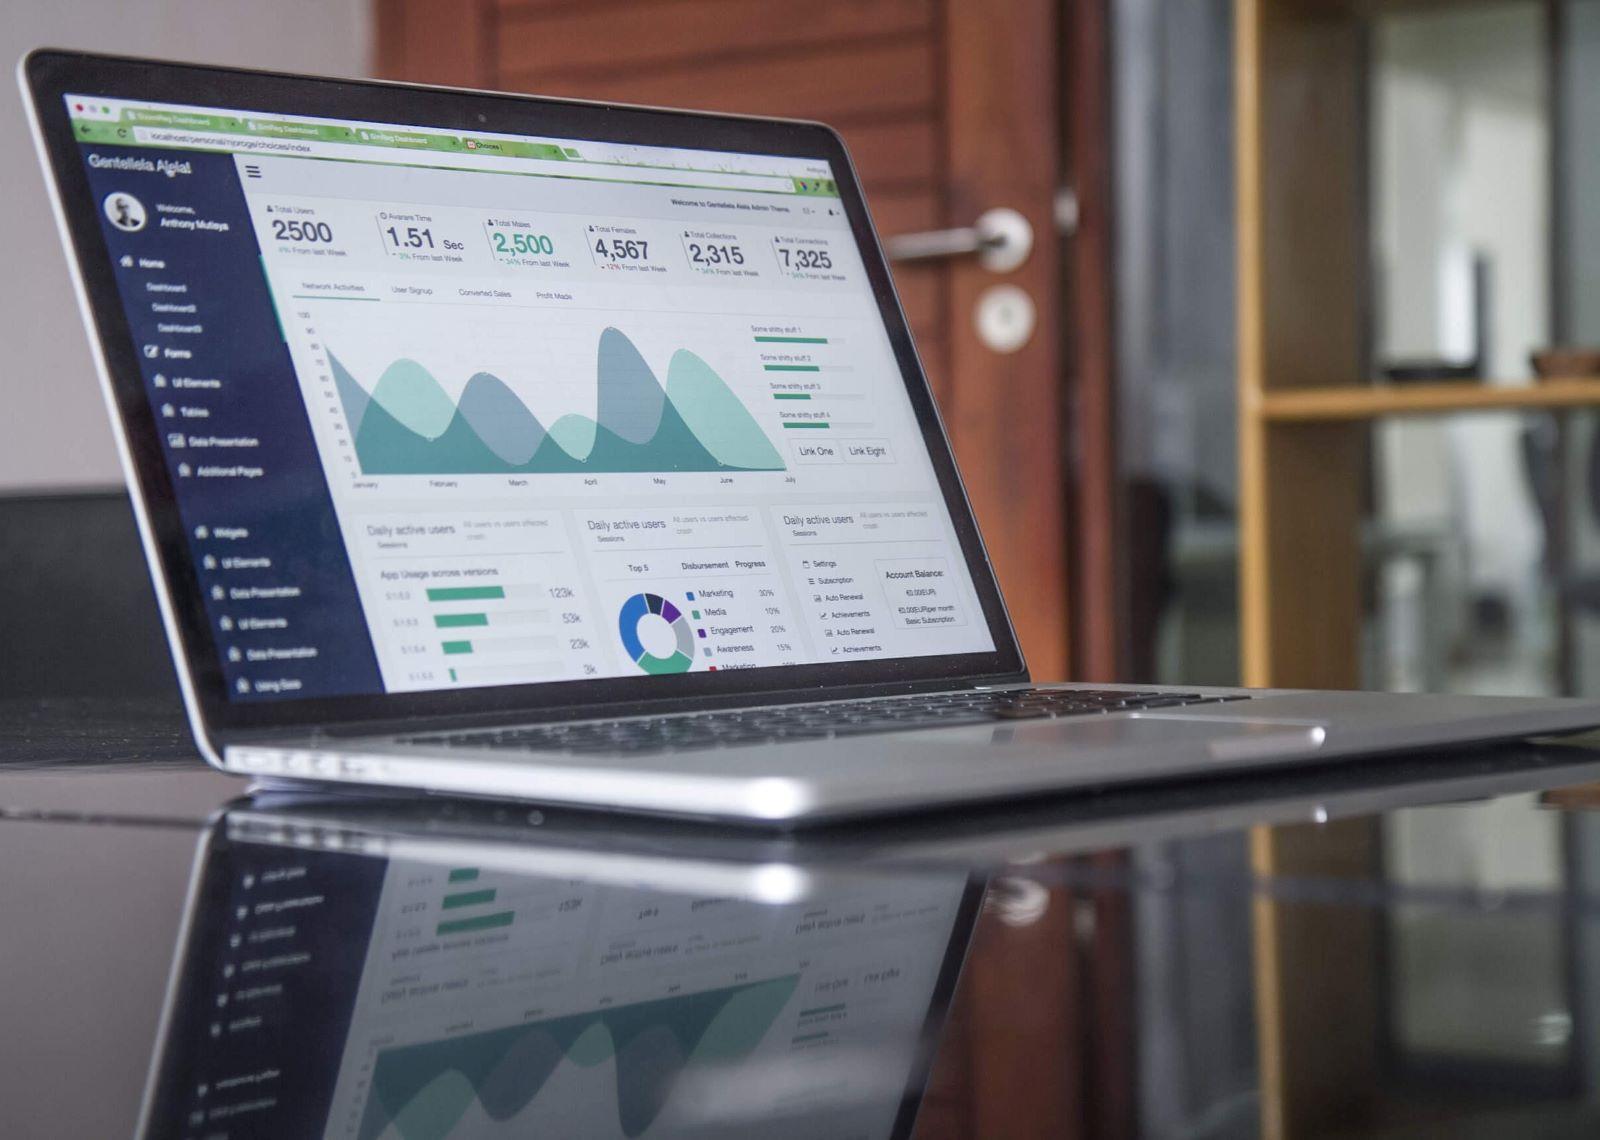 Google Analytics toont de prestaties van een webshop